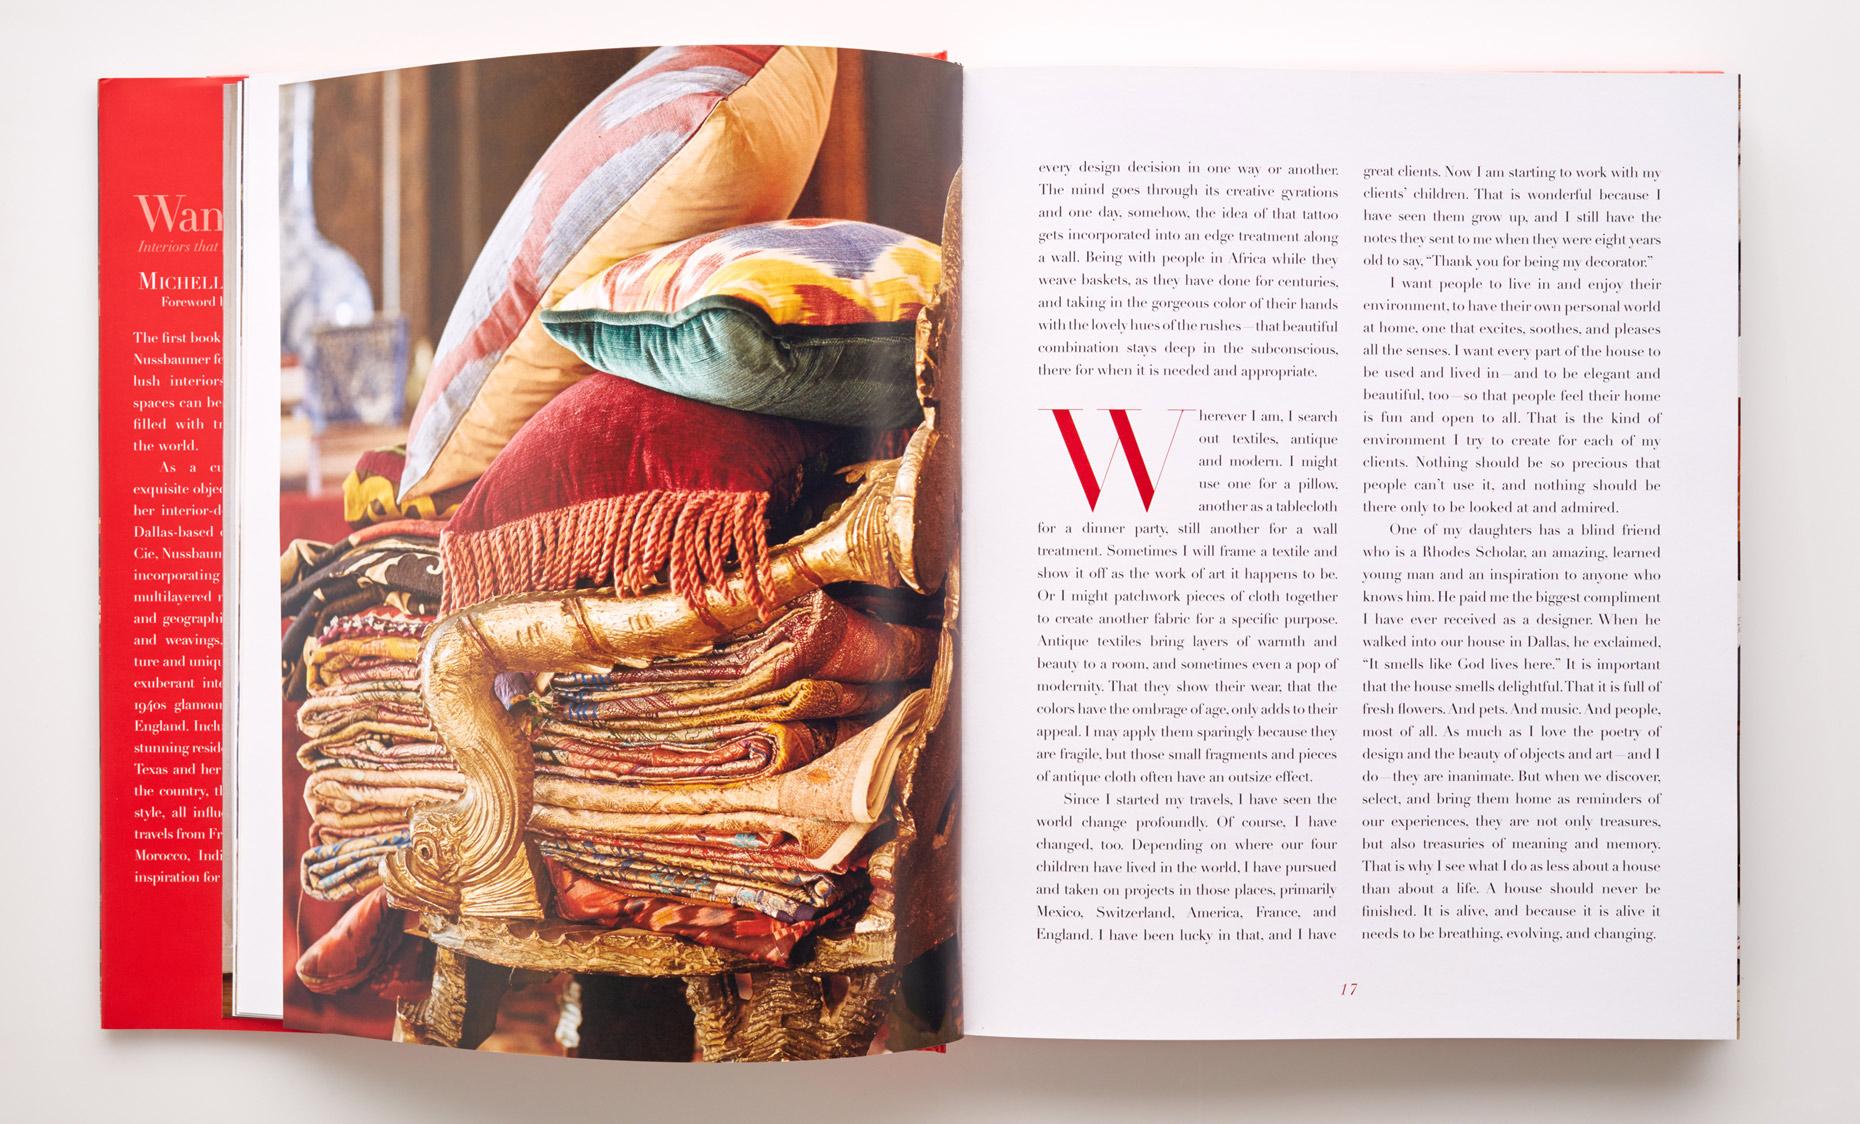 Stephen Karlisch Wanderlust 16-17 Fabric Detail